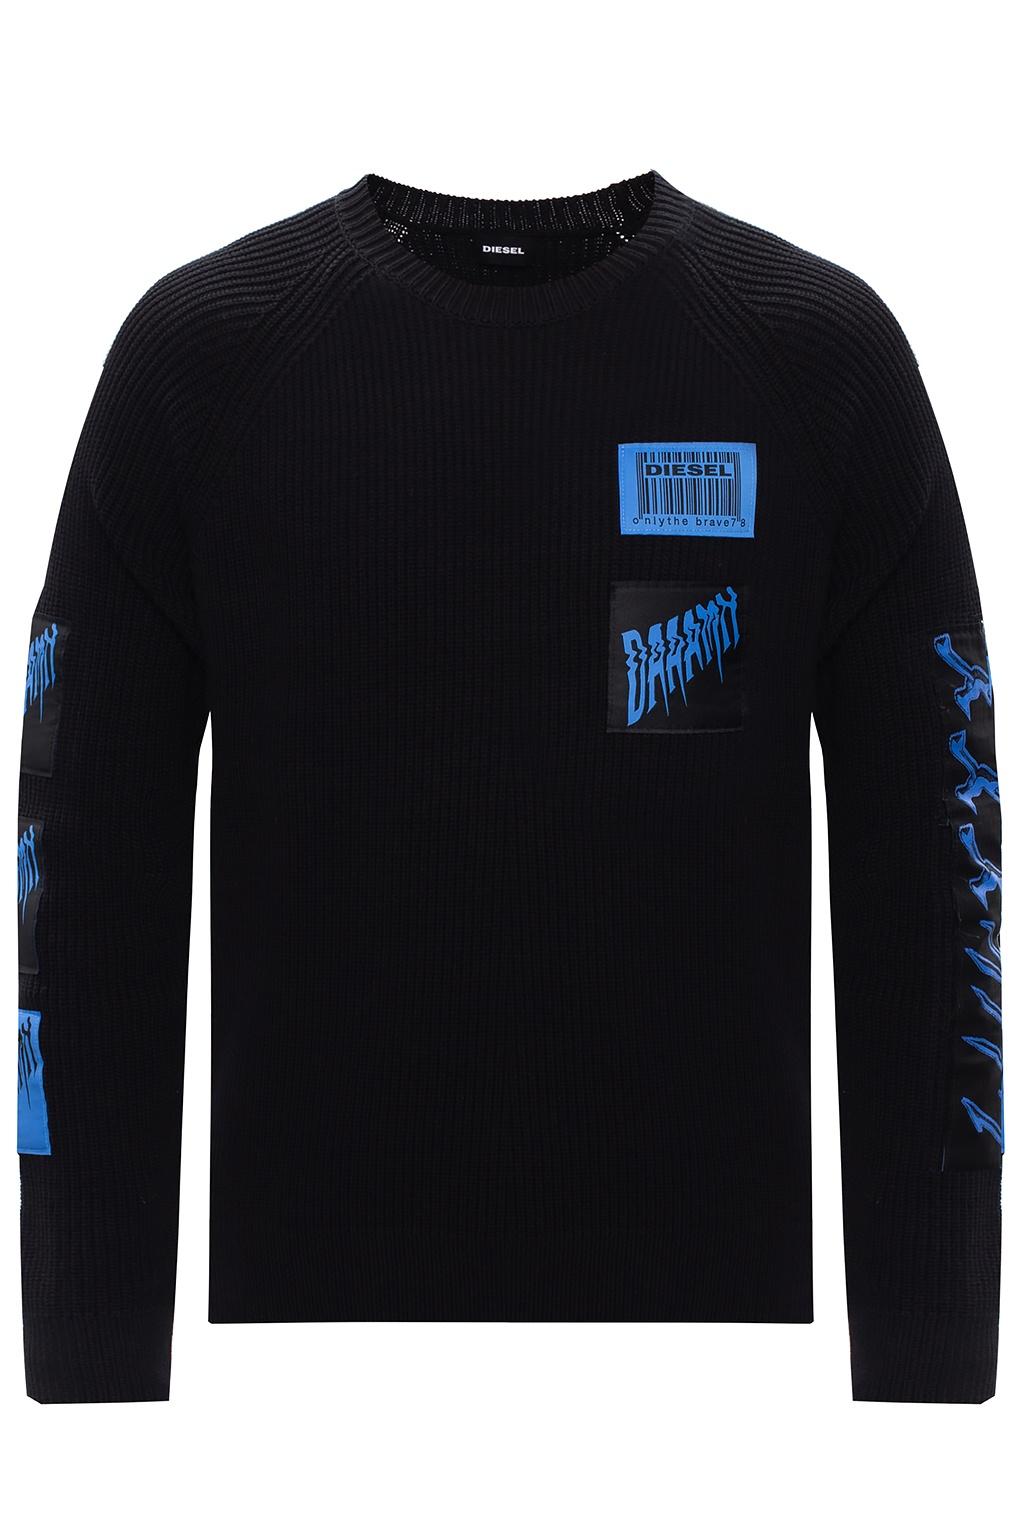 Diesel Rib-knit sweater